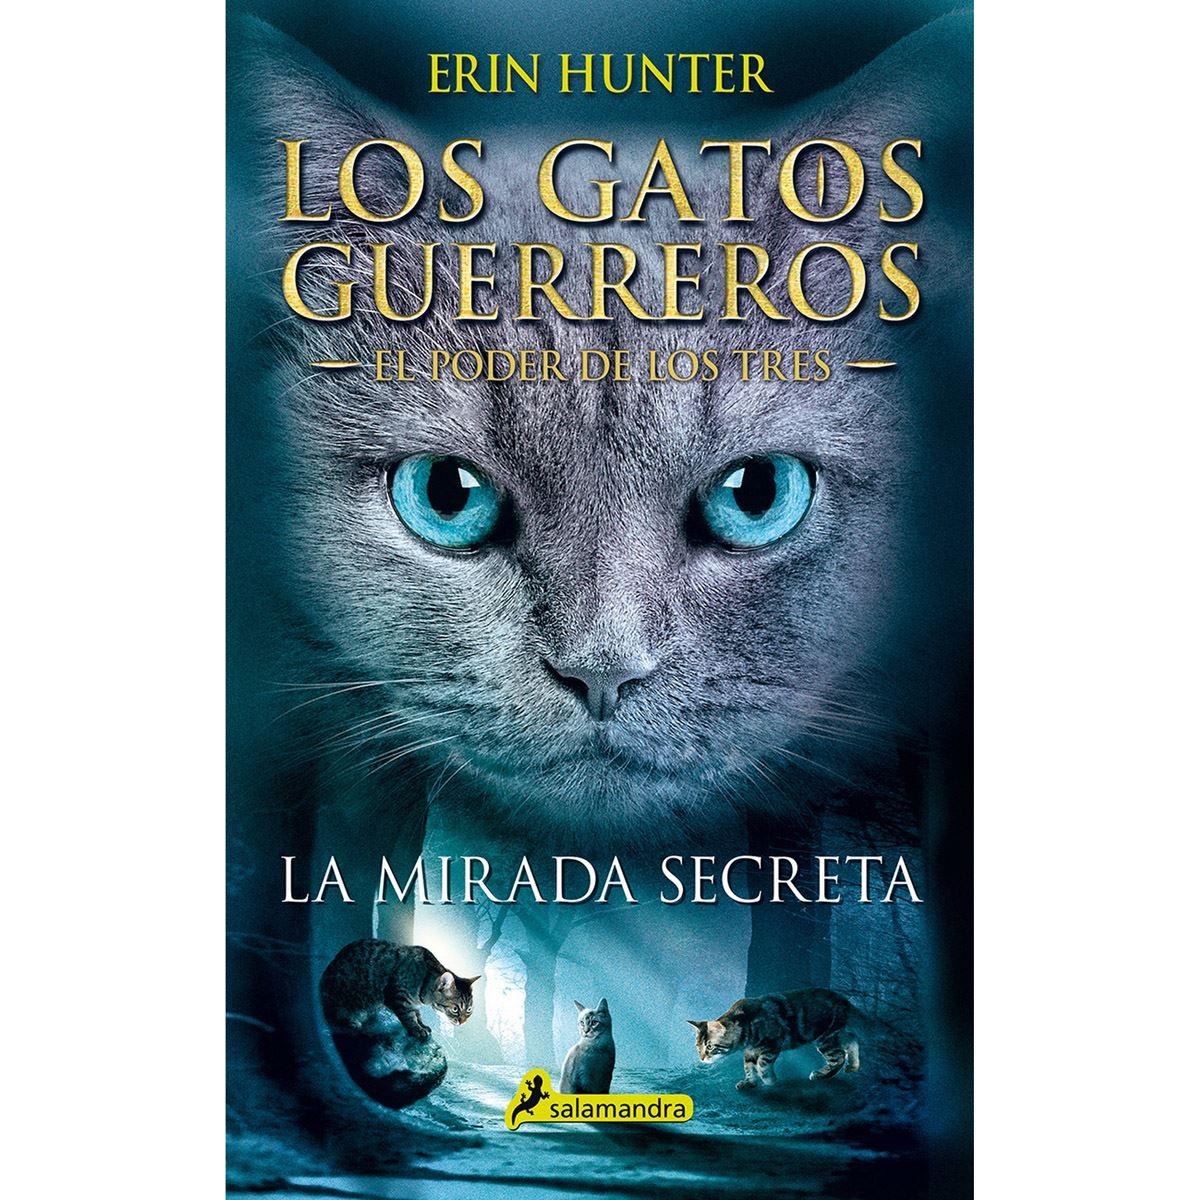 Los gatos guerreros. El poder de los tres 1. La mirada secreta